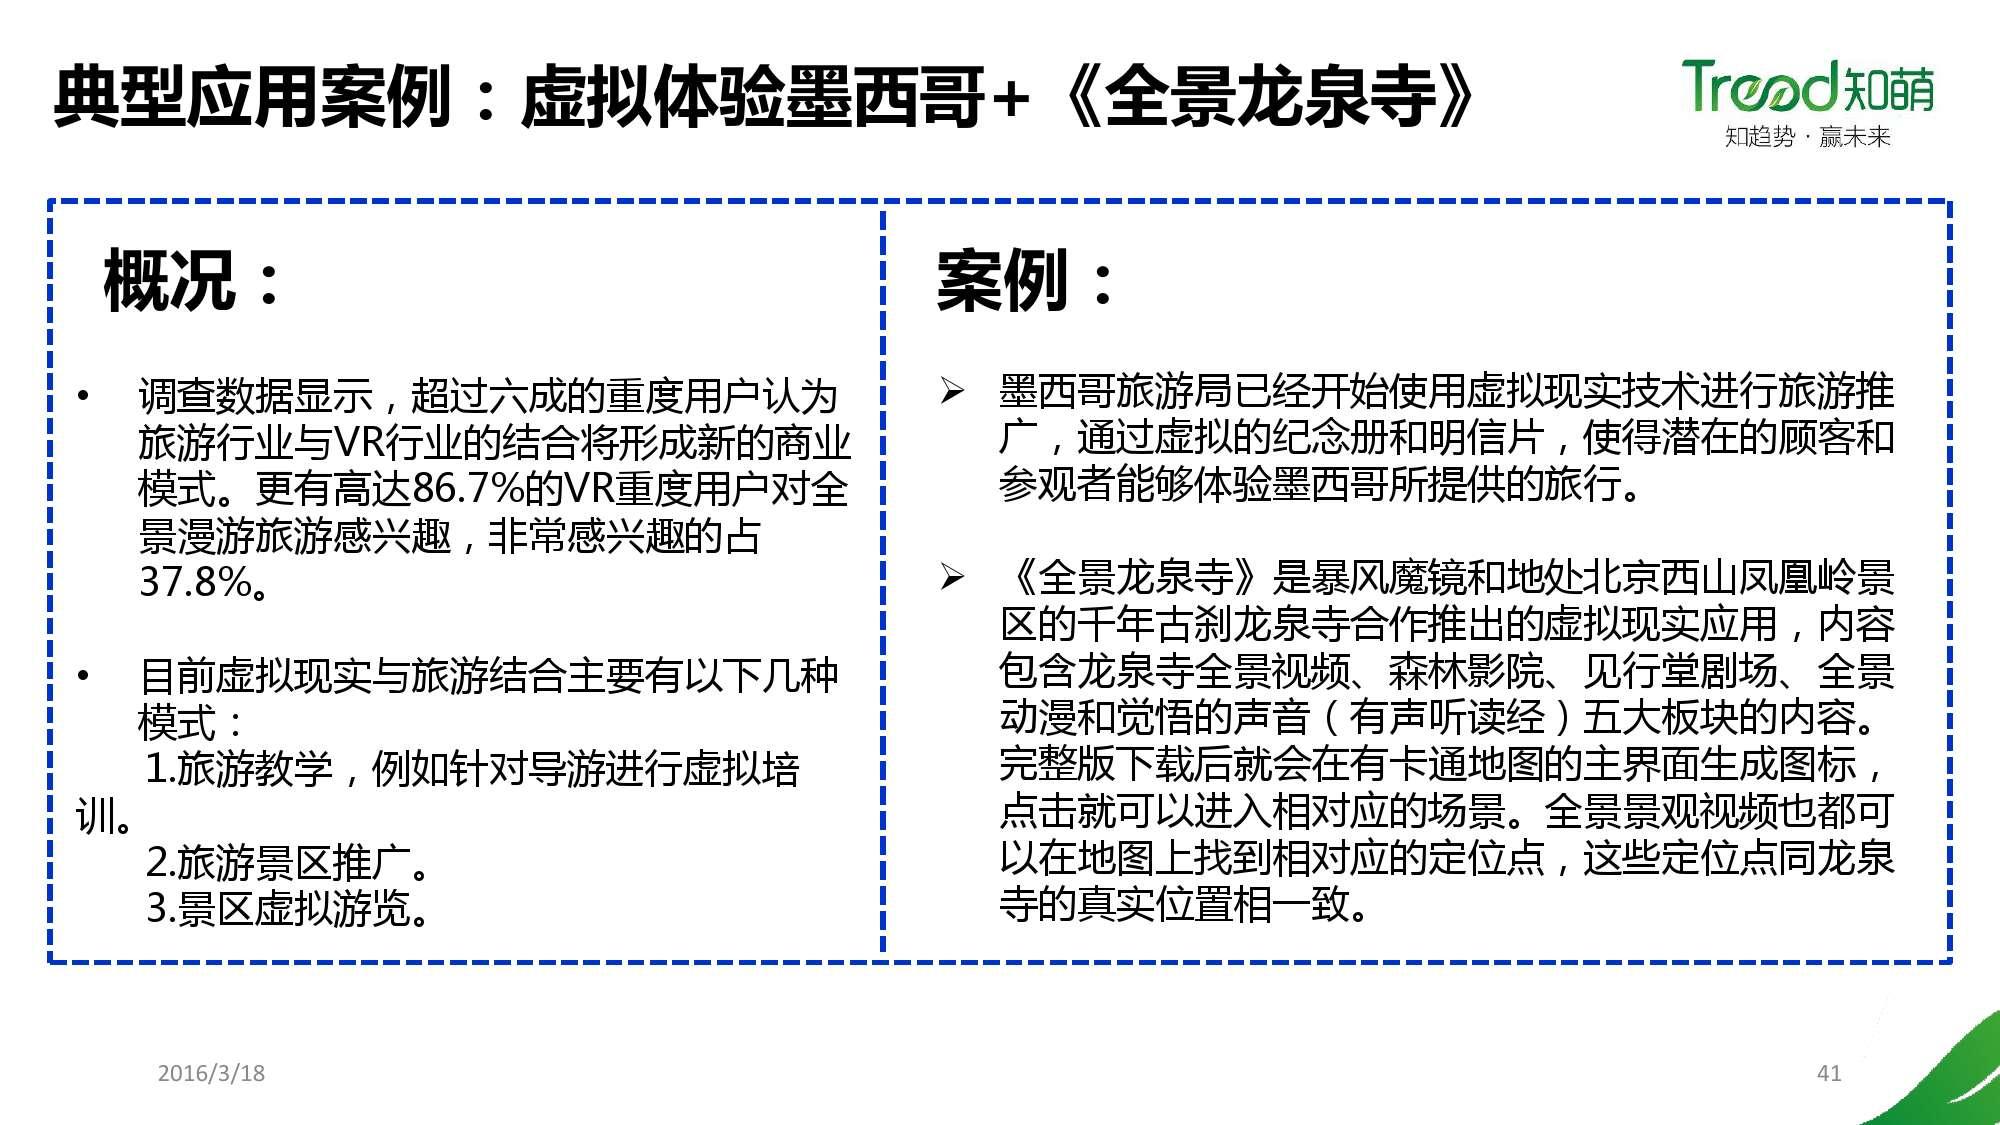 中国VR用户行为研究报告_000041